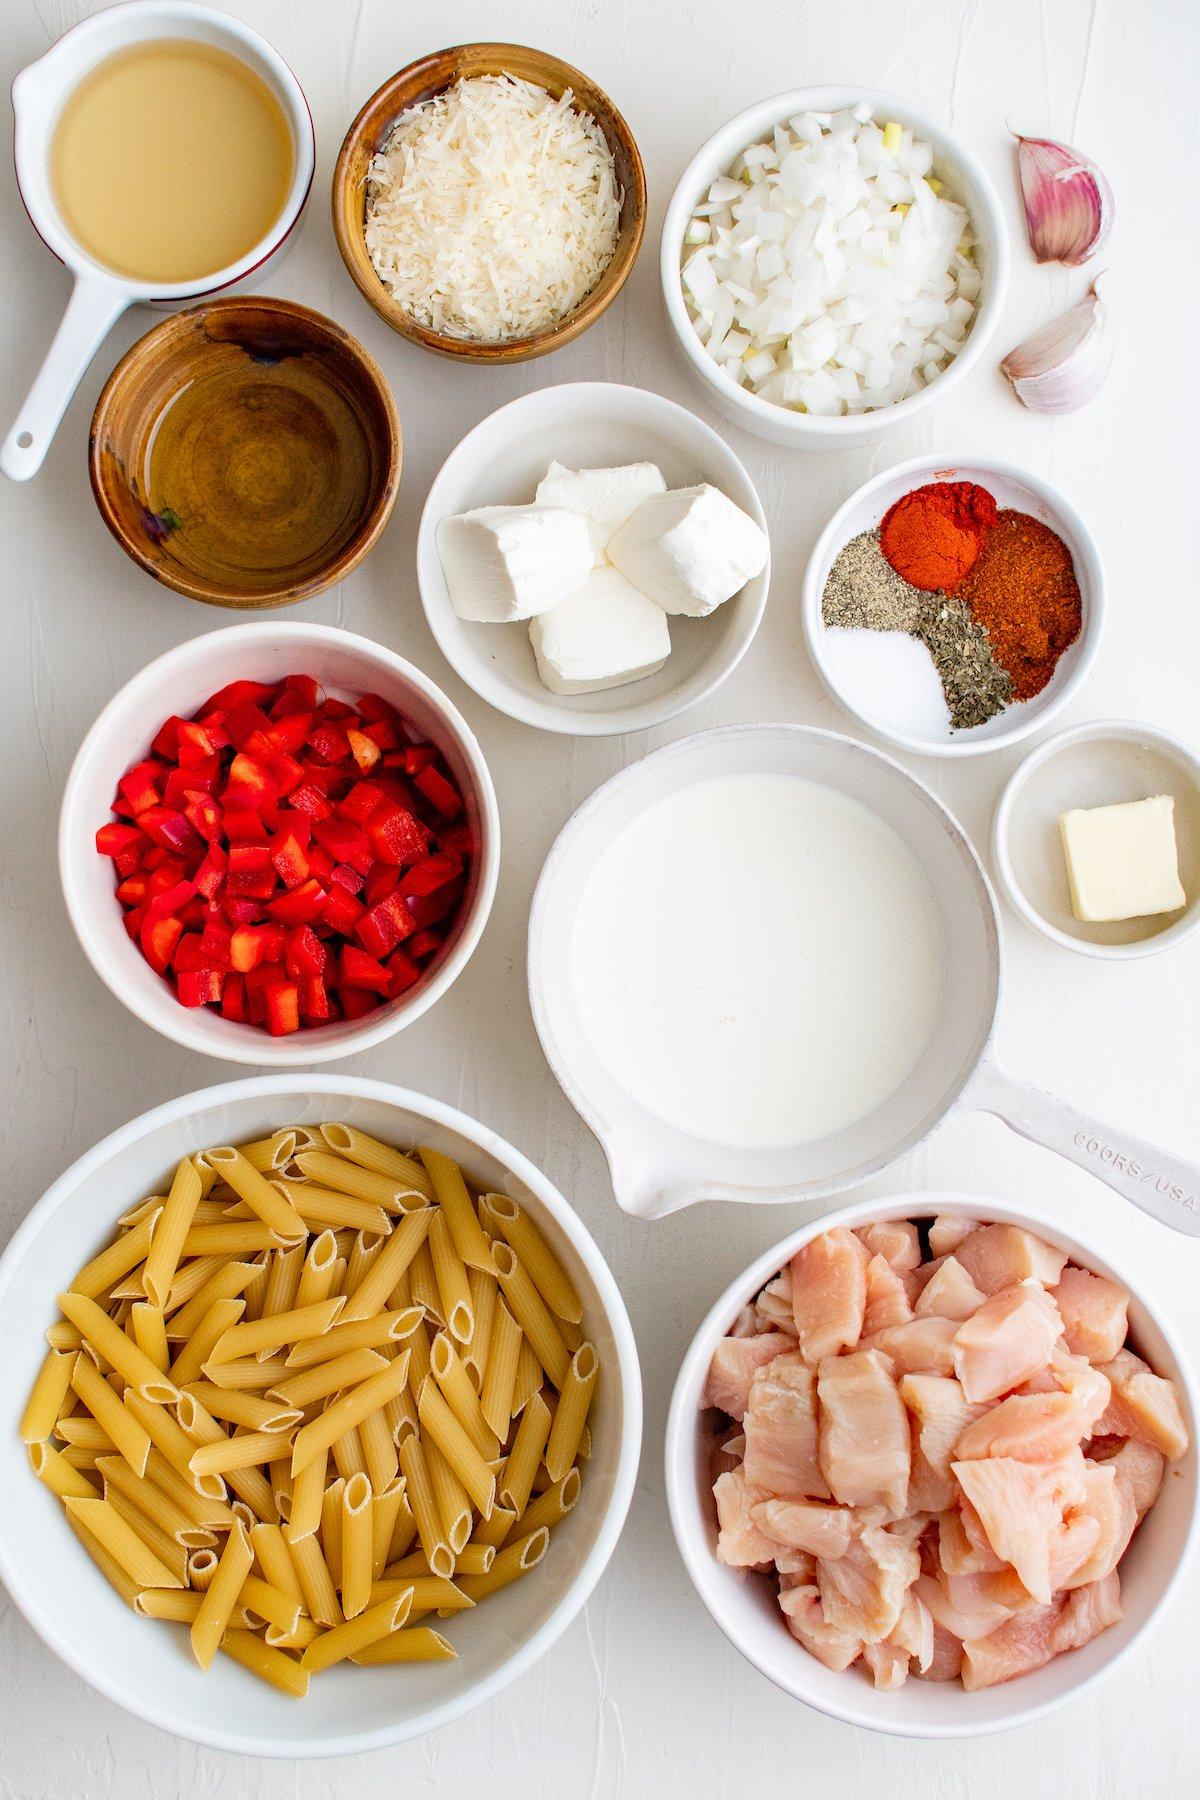 Ingredients for Cajun chicken pasta.